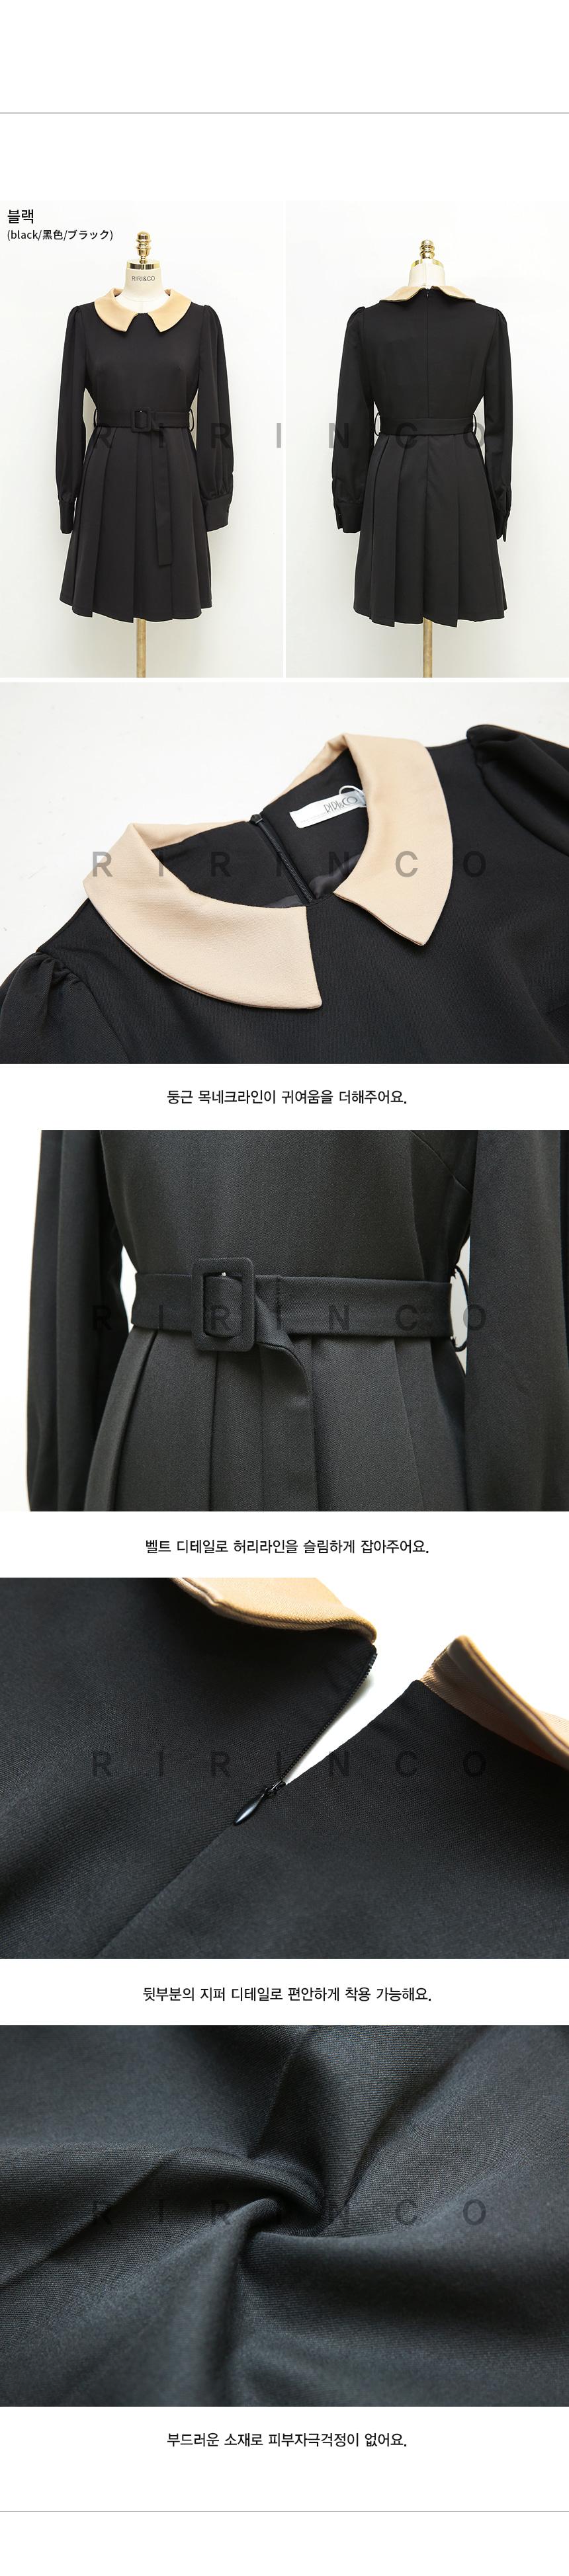 일로디 벨트 원피스